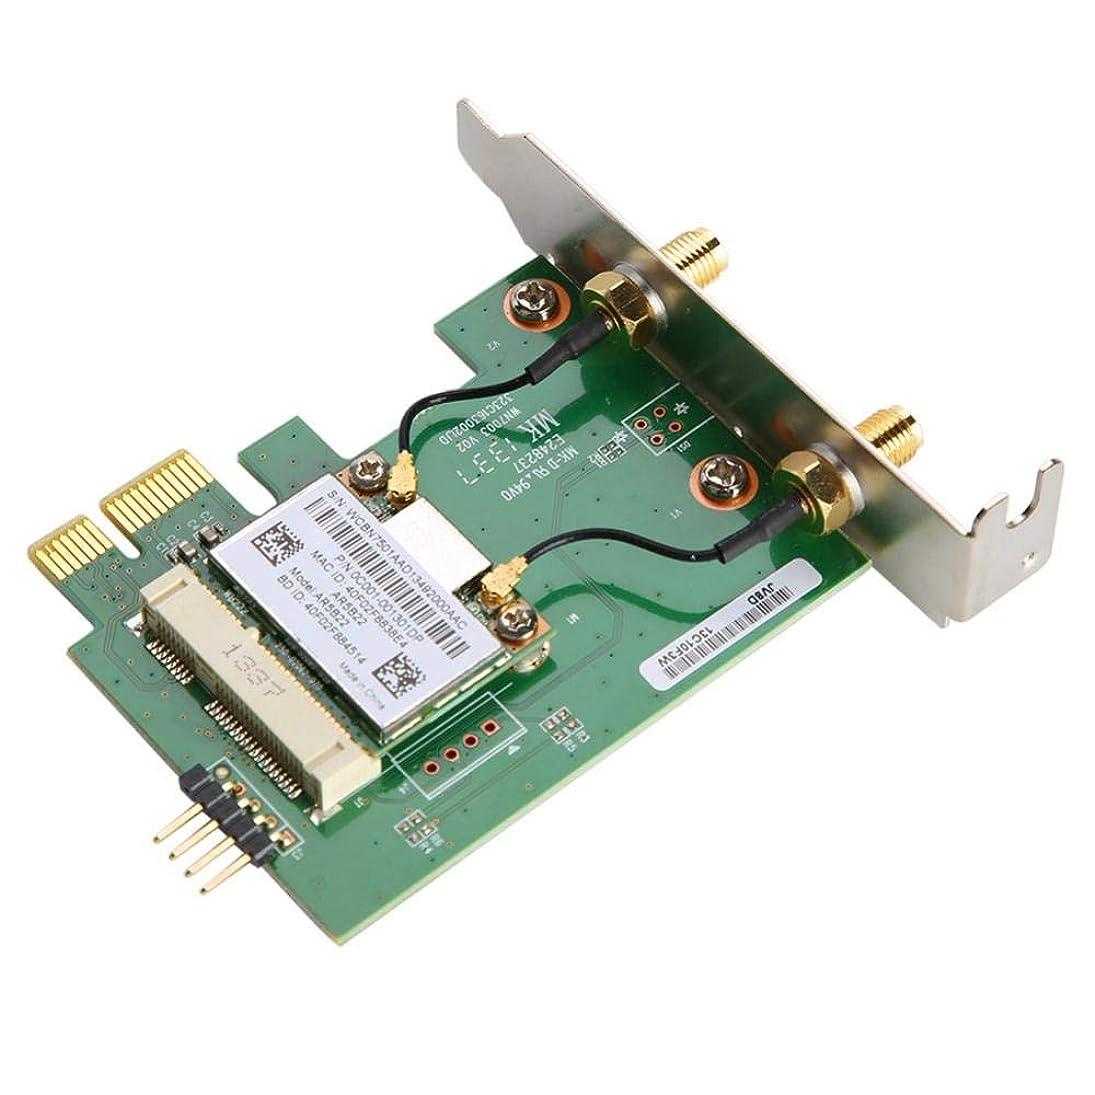 取り扱いけがをする失望させるLANアダプター Acouto AR5B22デュアルバンド 300MワイヤレスPCI-E WiFiカードアダプタ デスクトップPC用 ネットワークカード 2.4G / 5Gデュアルモード